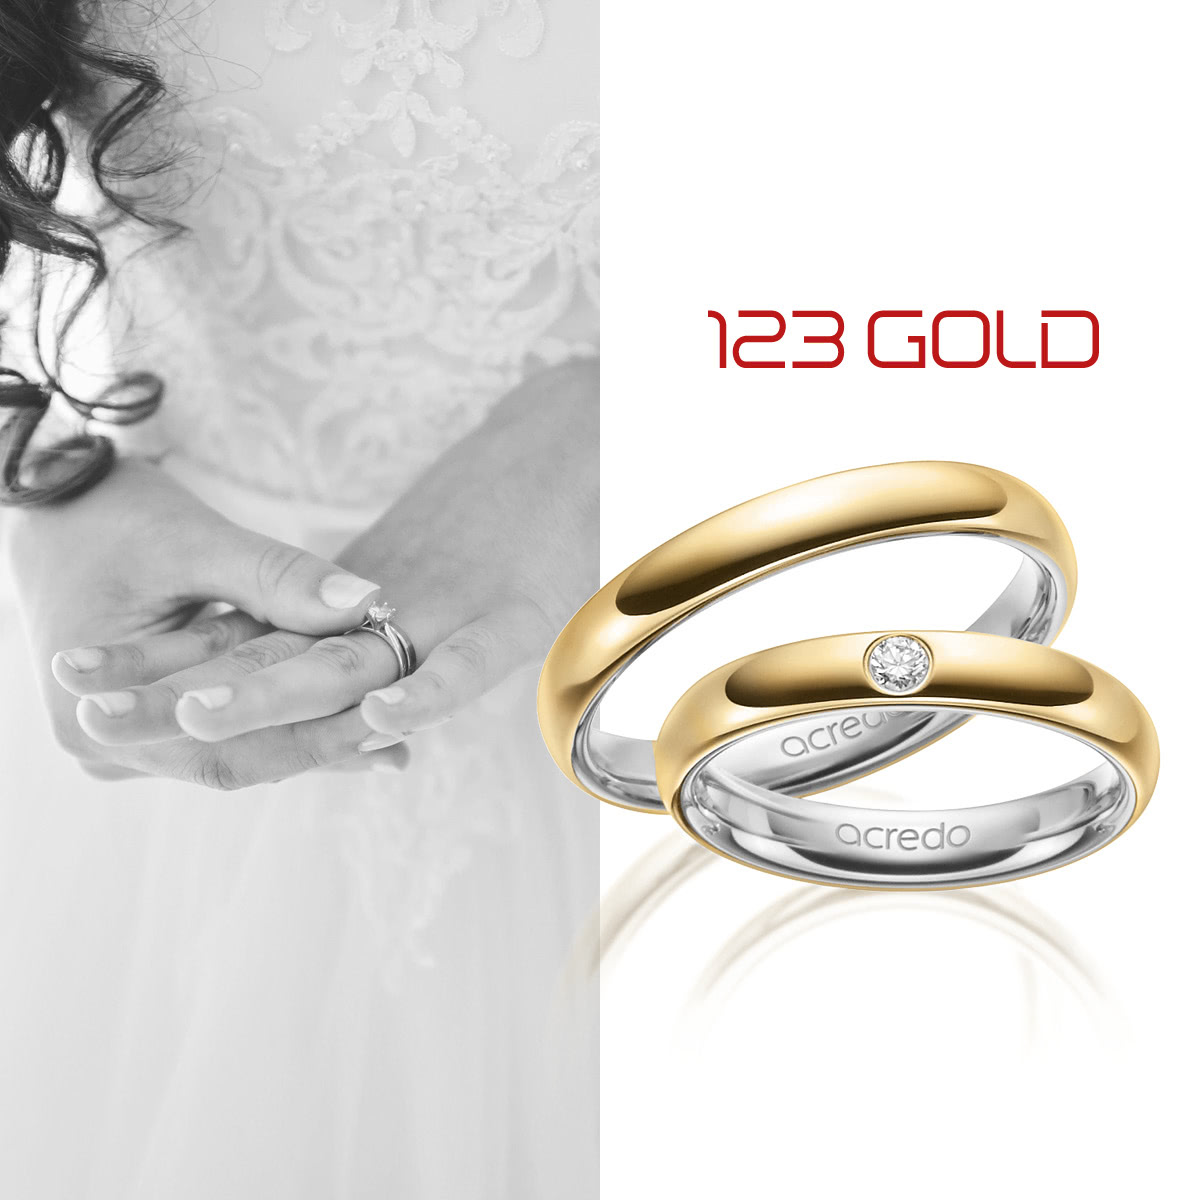 Hochwertige Eheringe und Trauringe aus Gold  3gold